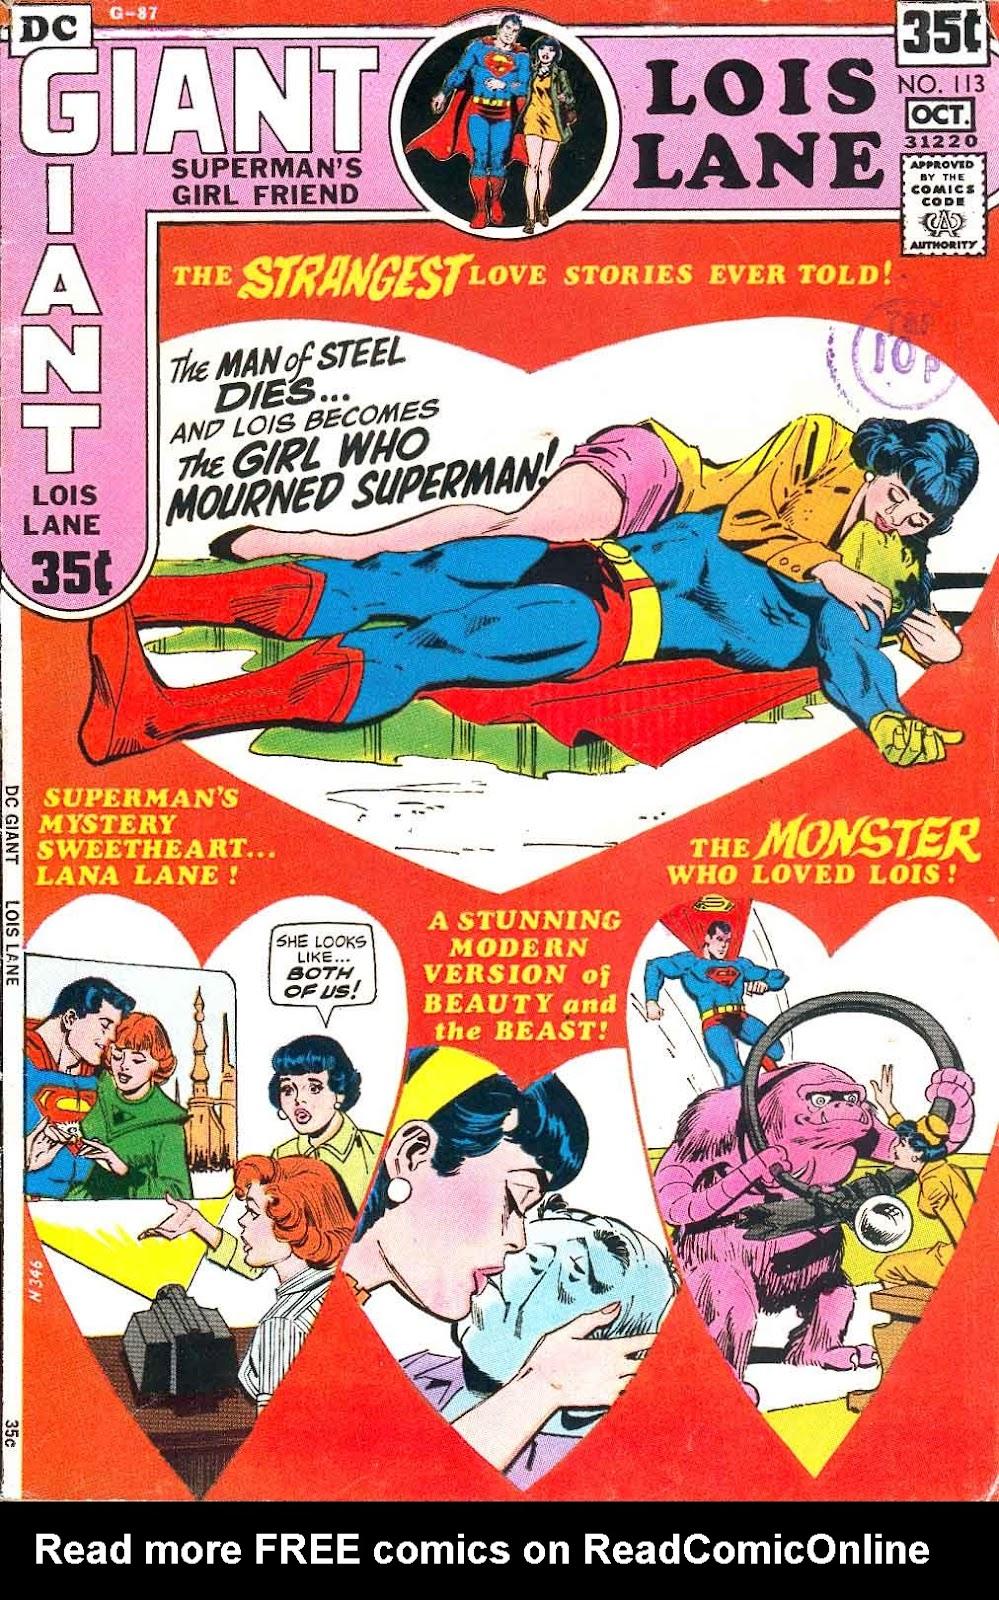 Supermans Girl Friend, Lois Lane 113 Page 1